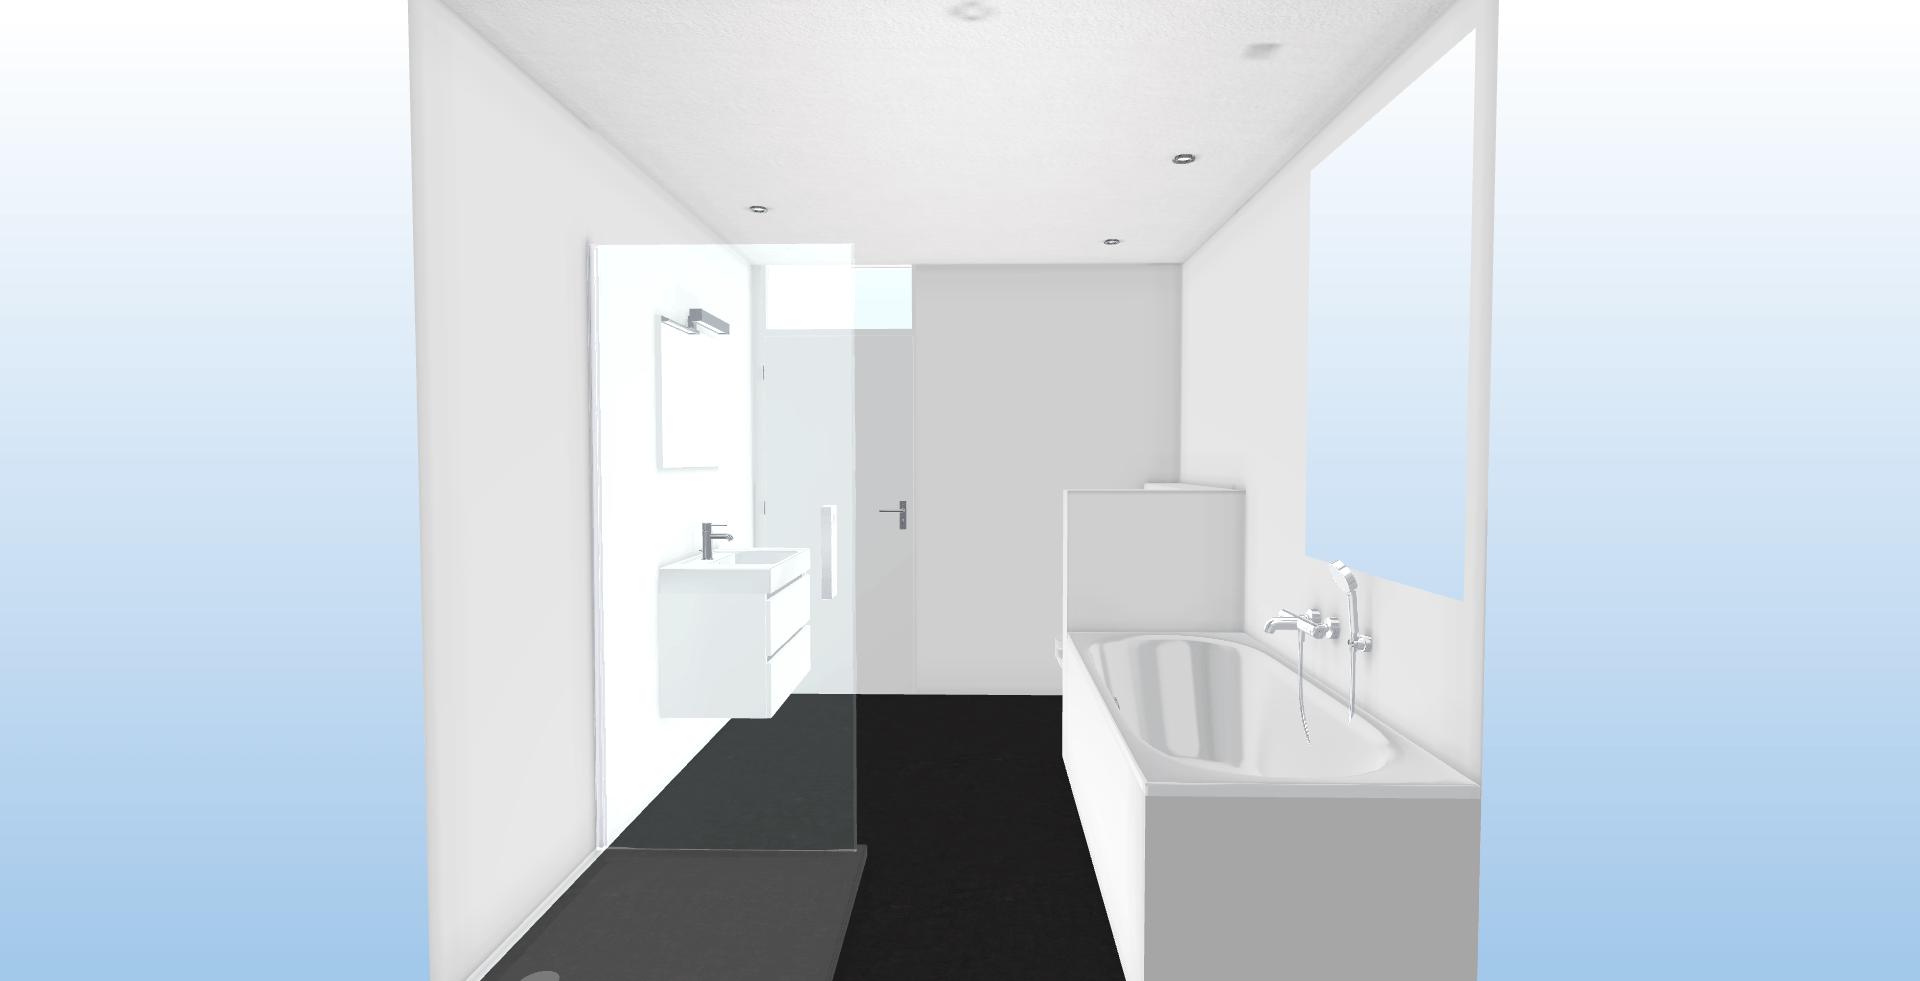 Vierkante badkamer ontwerp | Pagie Bad & Tegeldesign